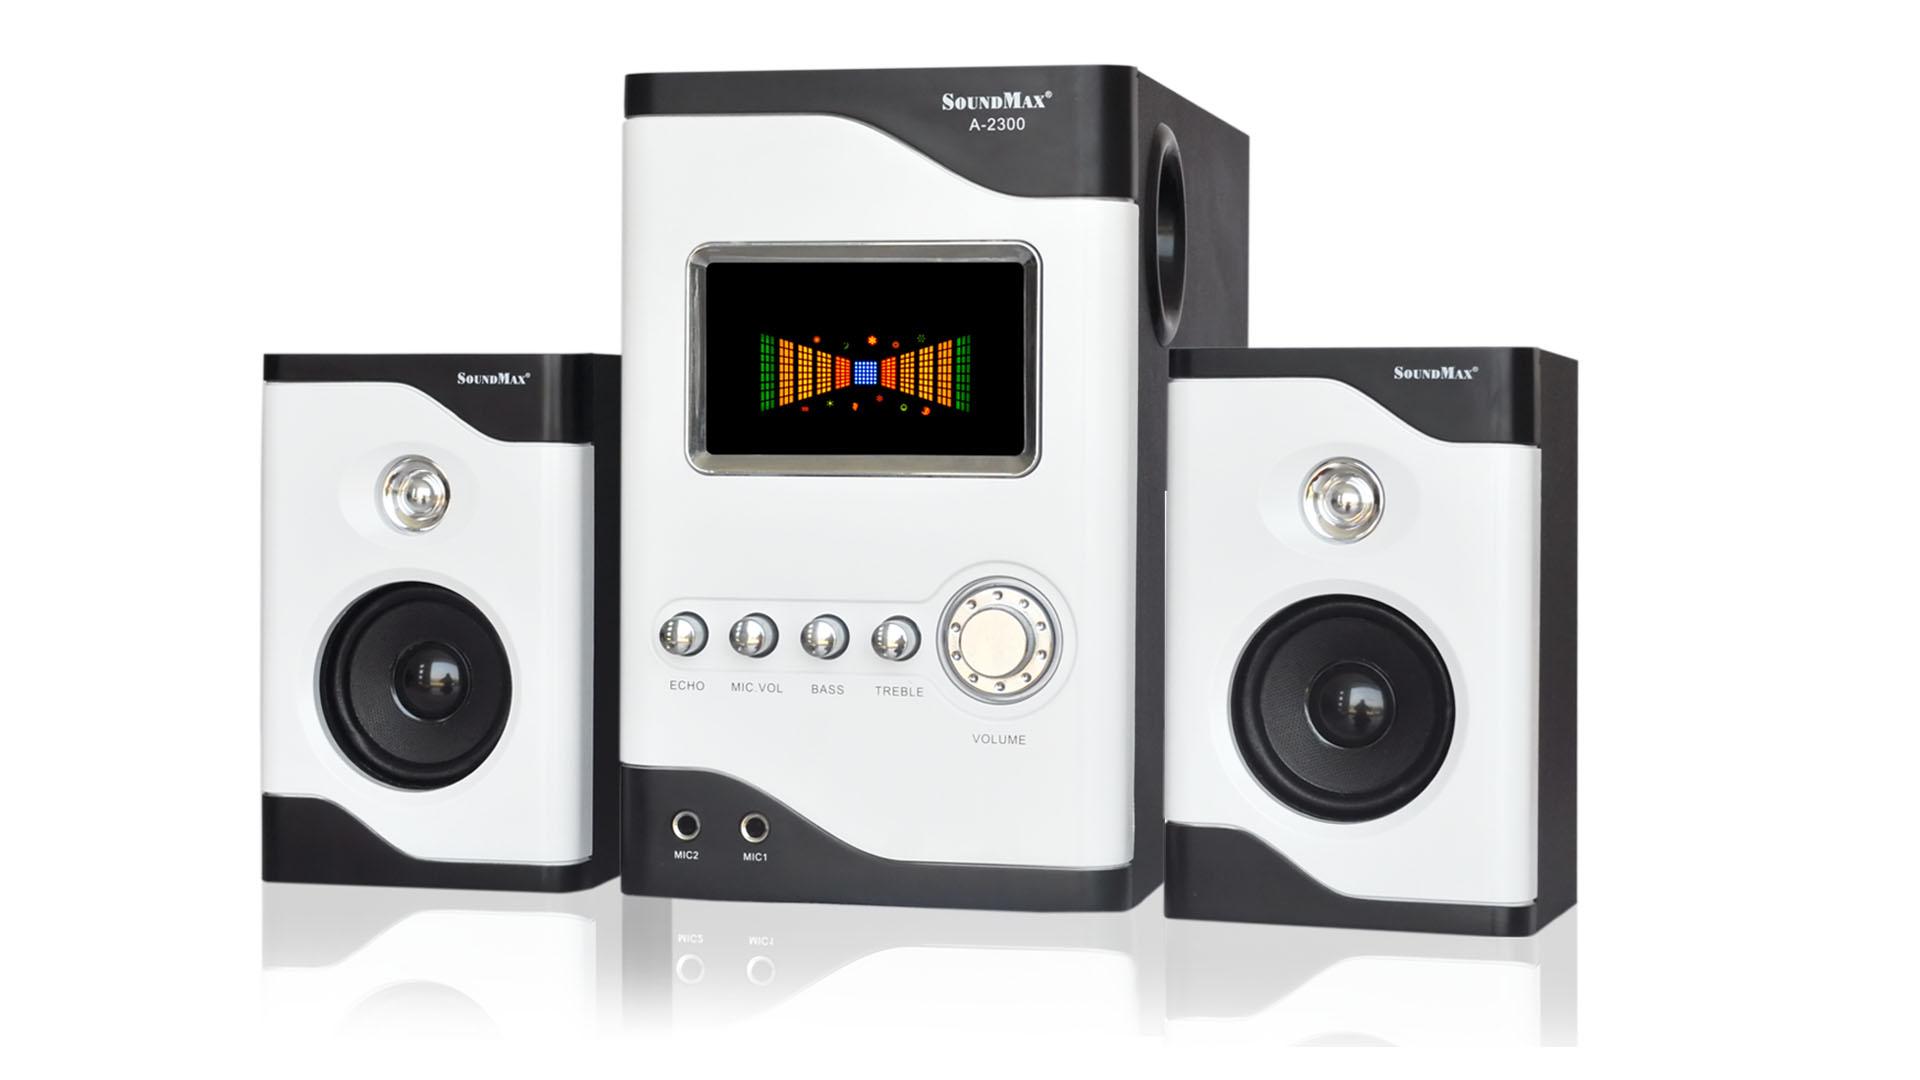 Loa Soundmax A2300/ 2.1 kênh